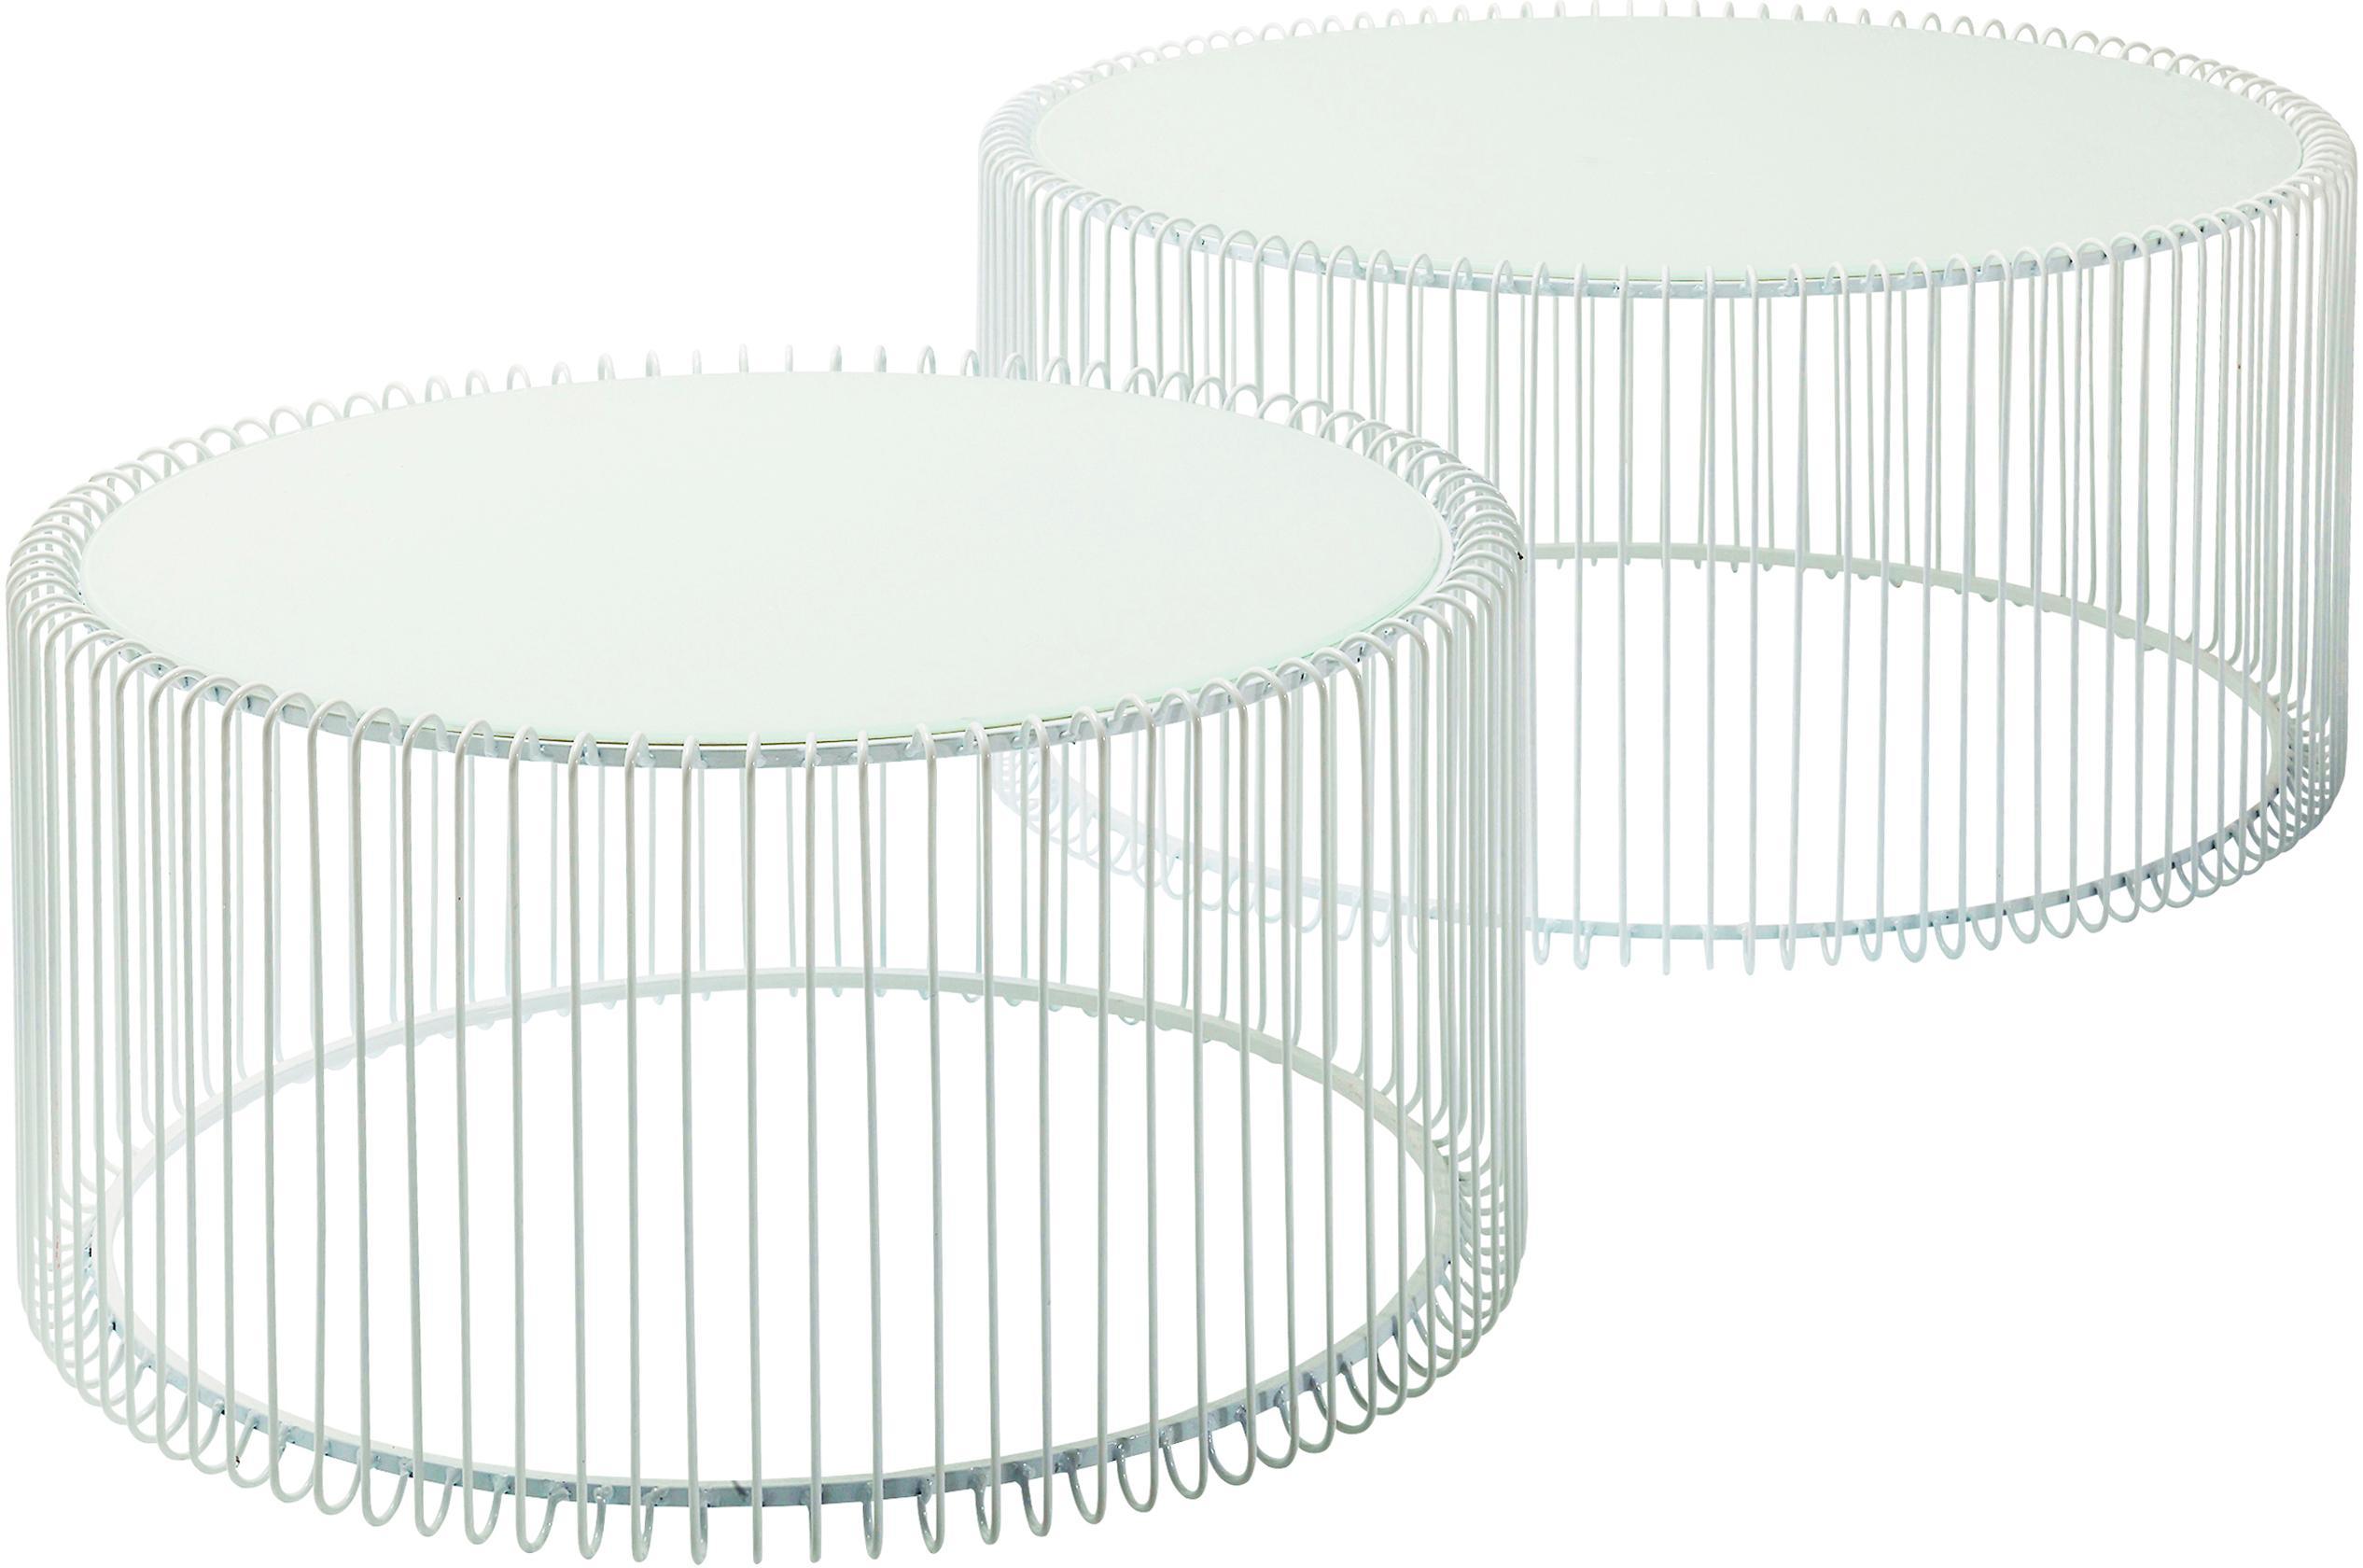 Komplet stolików kawowych z metalu ze szklanym blatem Wire, 2 elem., Stelaż: metal malowany proszkowo, Blat: szkło hartowane, foliowan, Biały, Komplet z różnymi rozmiarami